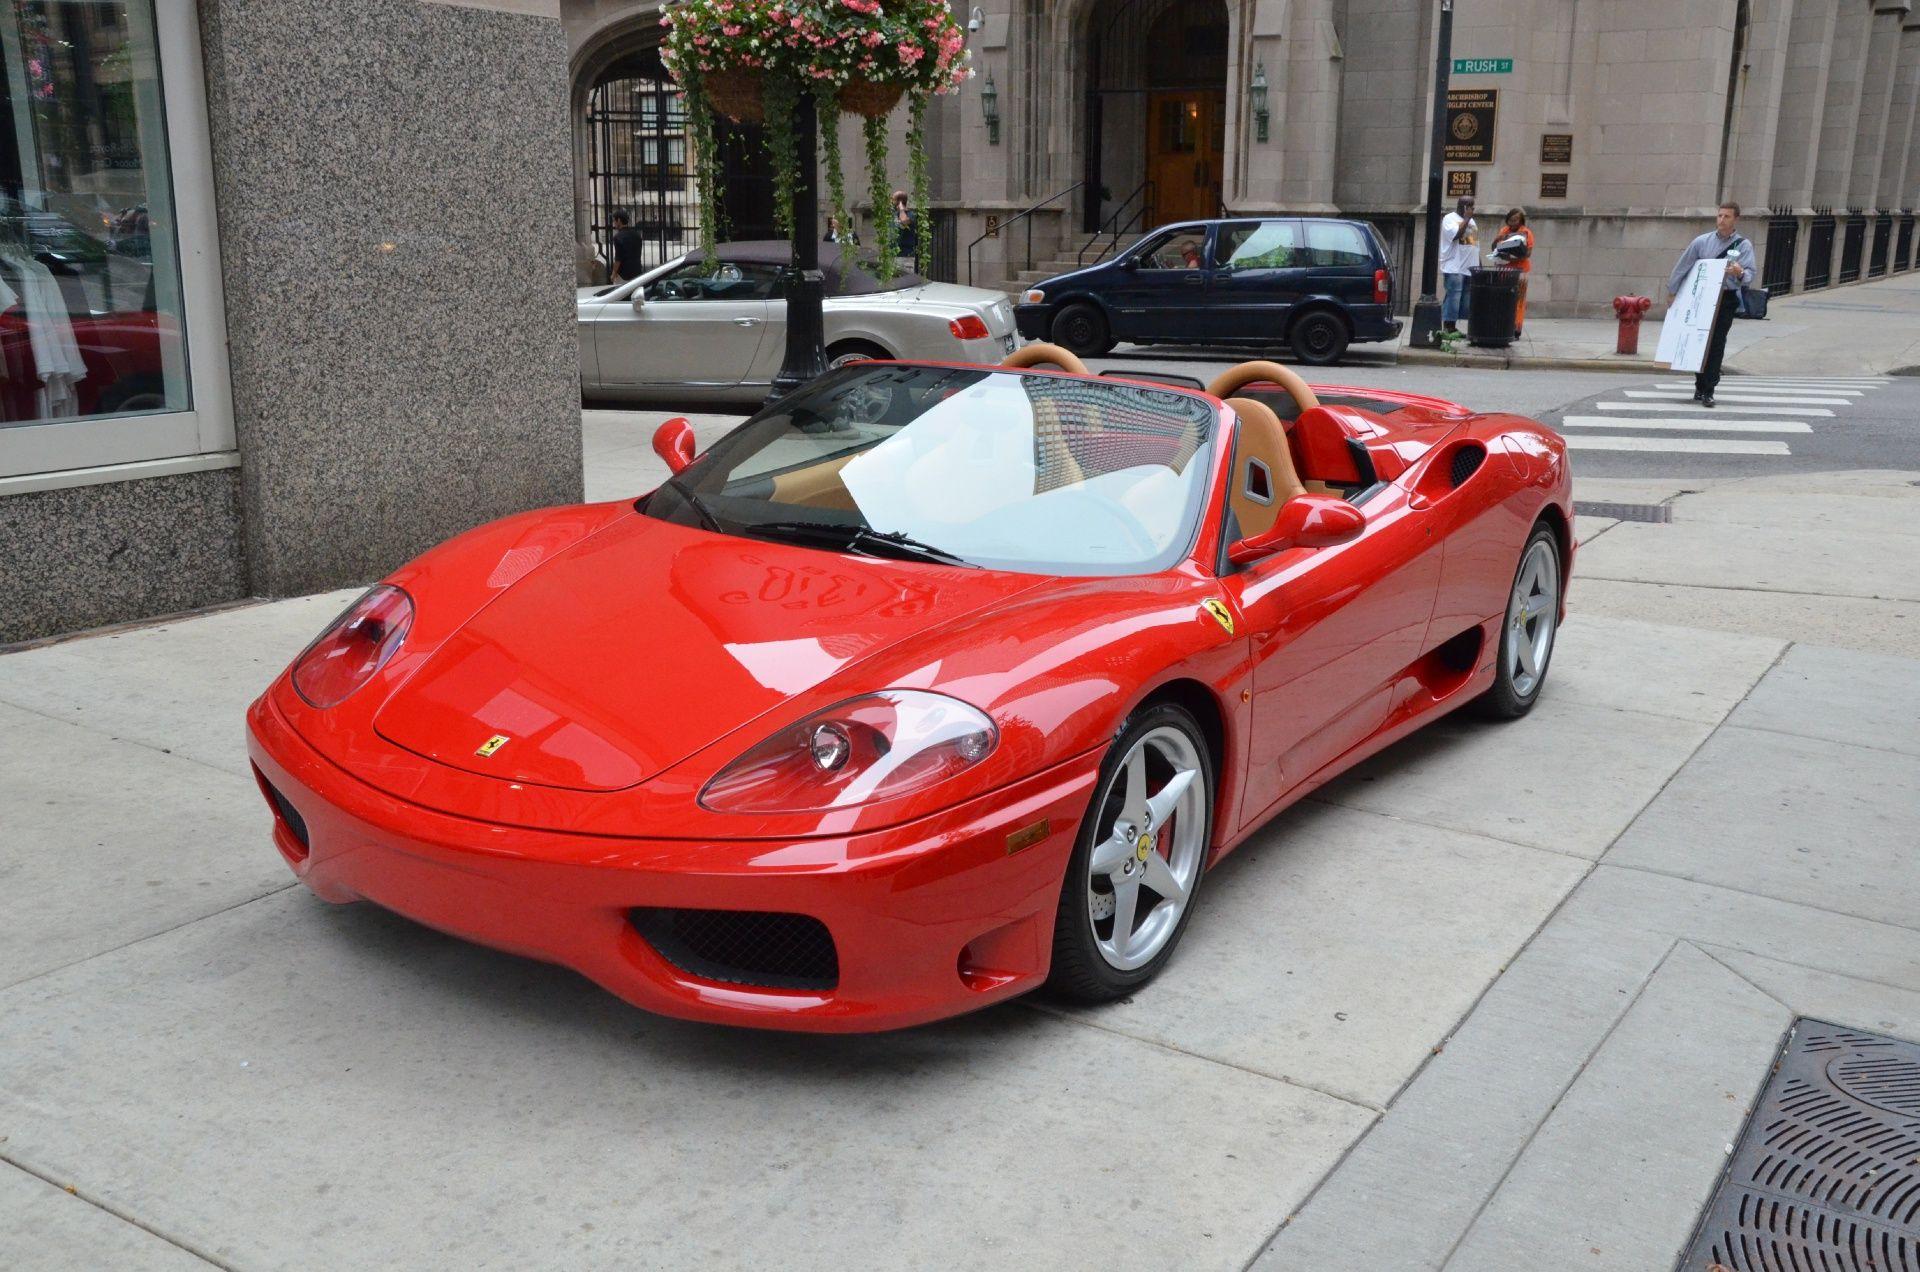 2001 Ferrari 360 Spider Wallpaper Http Wallpaperzoo Com 2001